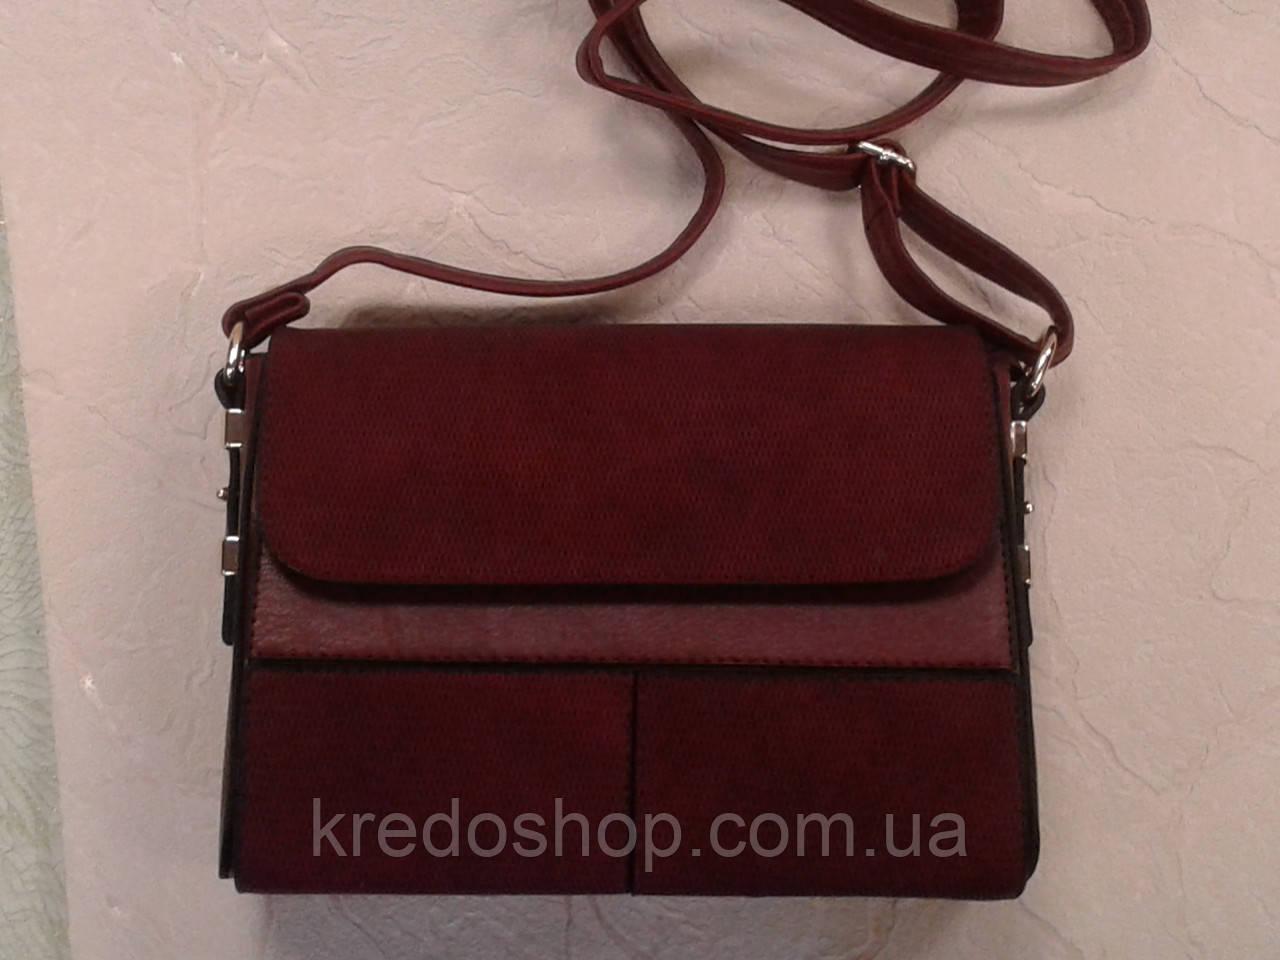 b6d815ad024a Женская сумочка клатч бордовая каркасный на плечо (Турция) -  Интернет-магазин сумок и